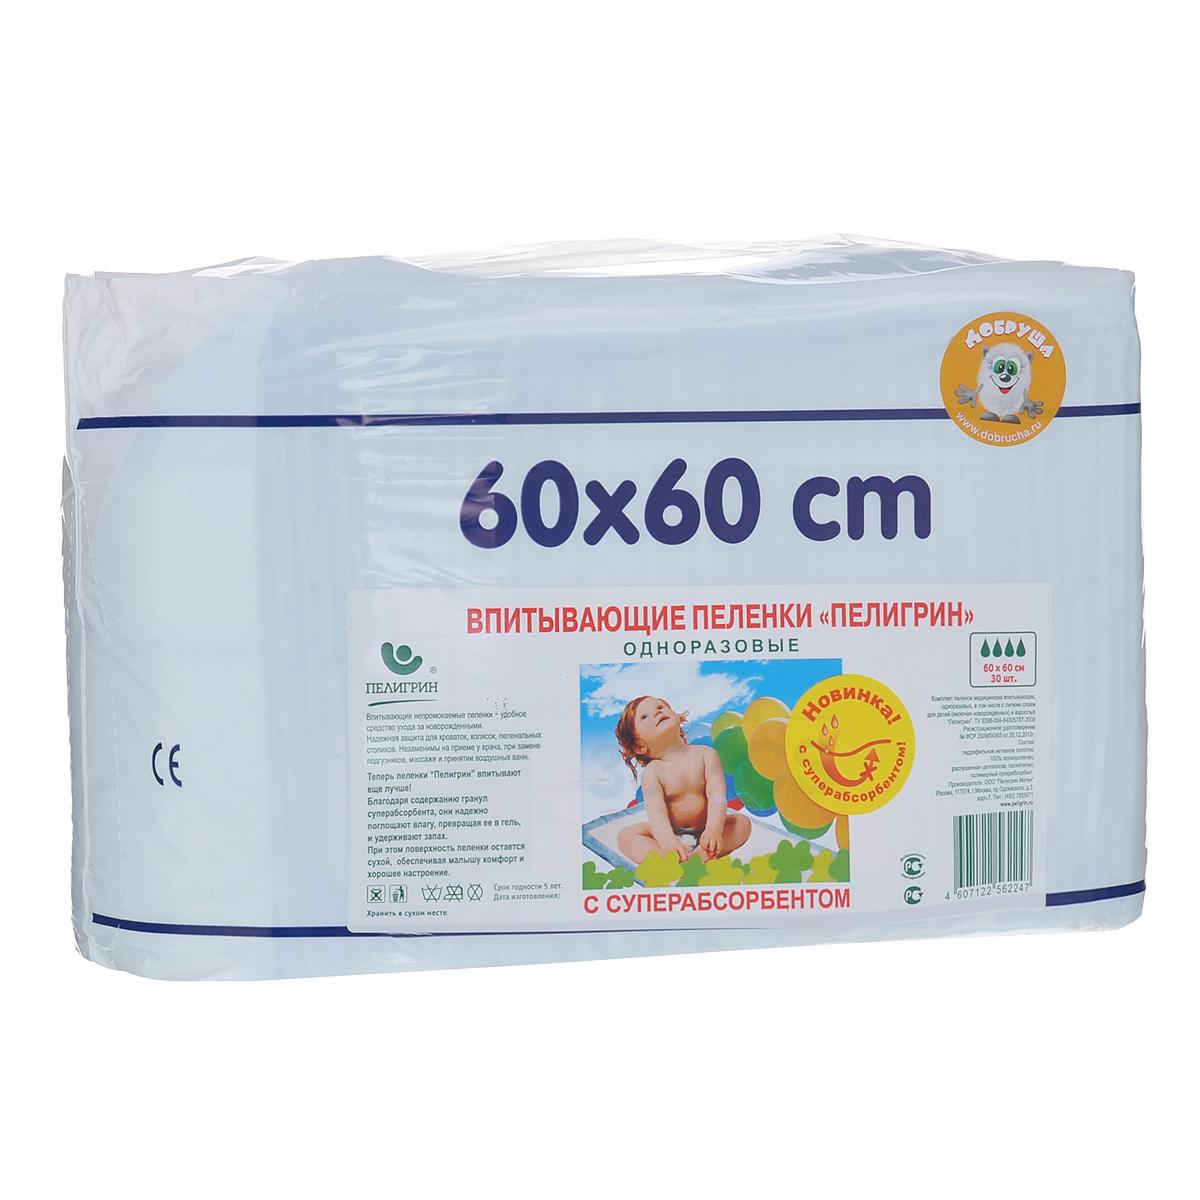 Впитывающие пеленки Пелигрин, с суперабсорбентом, 60 см x 60 см, 30 штД6060СВпитывающие непромокаемые пеленки Пелигрин - удобное средство для ухода за детьми, включая новорожденных. Пеленки используются как надежная защита кроваток, колясок и пеленальных столиков, а также они понадобятся на приеме у врача, во время игр малыша в манеже и при принятии воздушных ванн. Благодаря содержанию гранул суперабсорбента пеленки надежно поглощают влагу, превращая ее в гель, и удерживают запах, при этом поверхность пеленки остается сухой, обеспечивая малышу комфорт и хорошее настроение. В комплекте 30 пеленок. С пеленками Пелигрин вашему ребенку будет комфортно и на даче, и во время семейного пикника, и в путешествии. Материал: гидрофильное нетканое полотно (100% полипропилен), распущенная целлюлоза, полимерный суперабсорбент, полиэтилен.